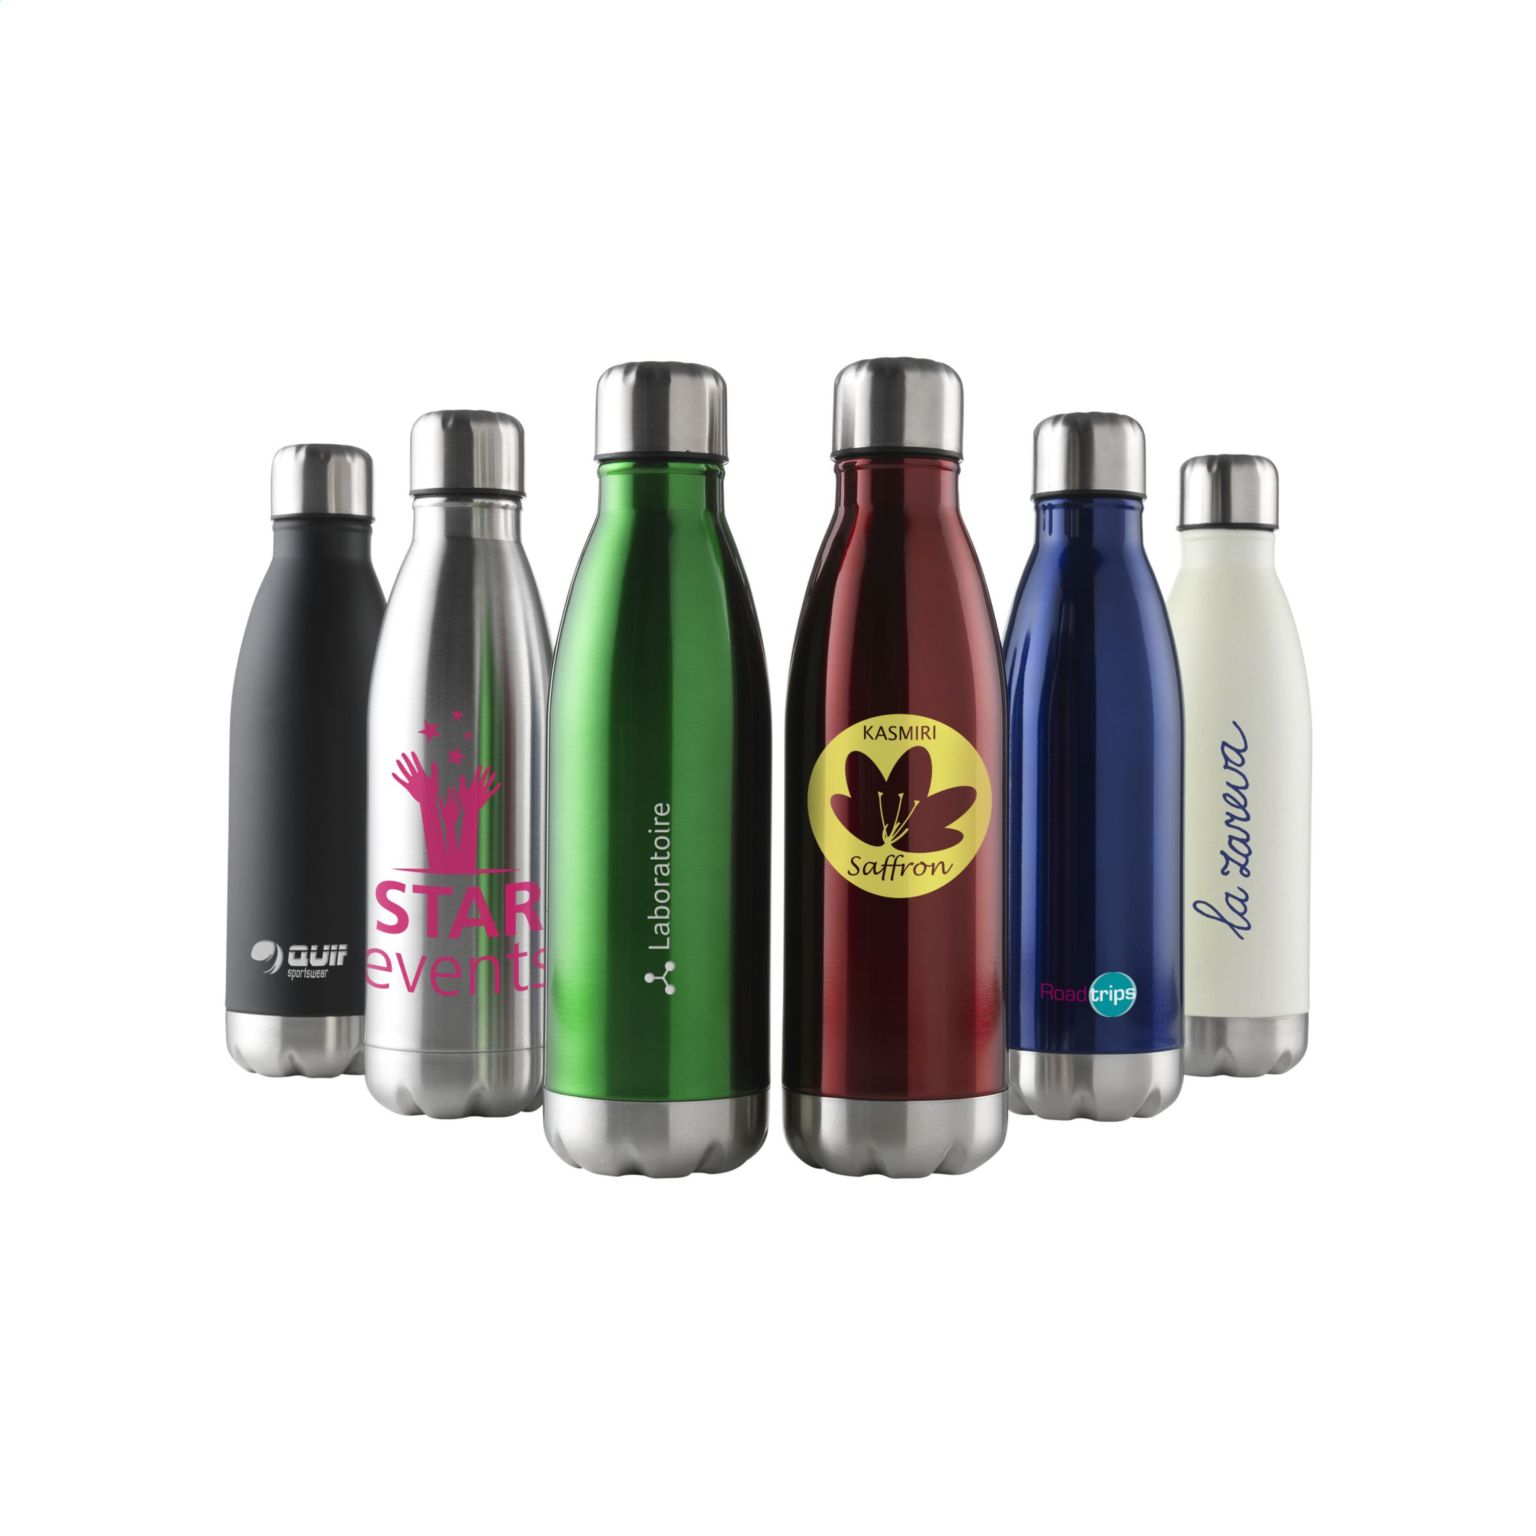 Topflask 500 ml bouteille  personnalisé montpellier Paris Ile de France